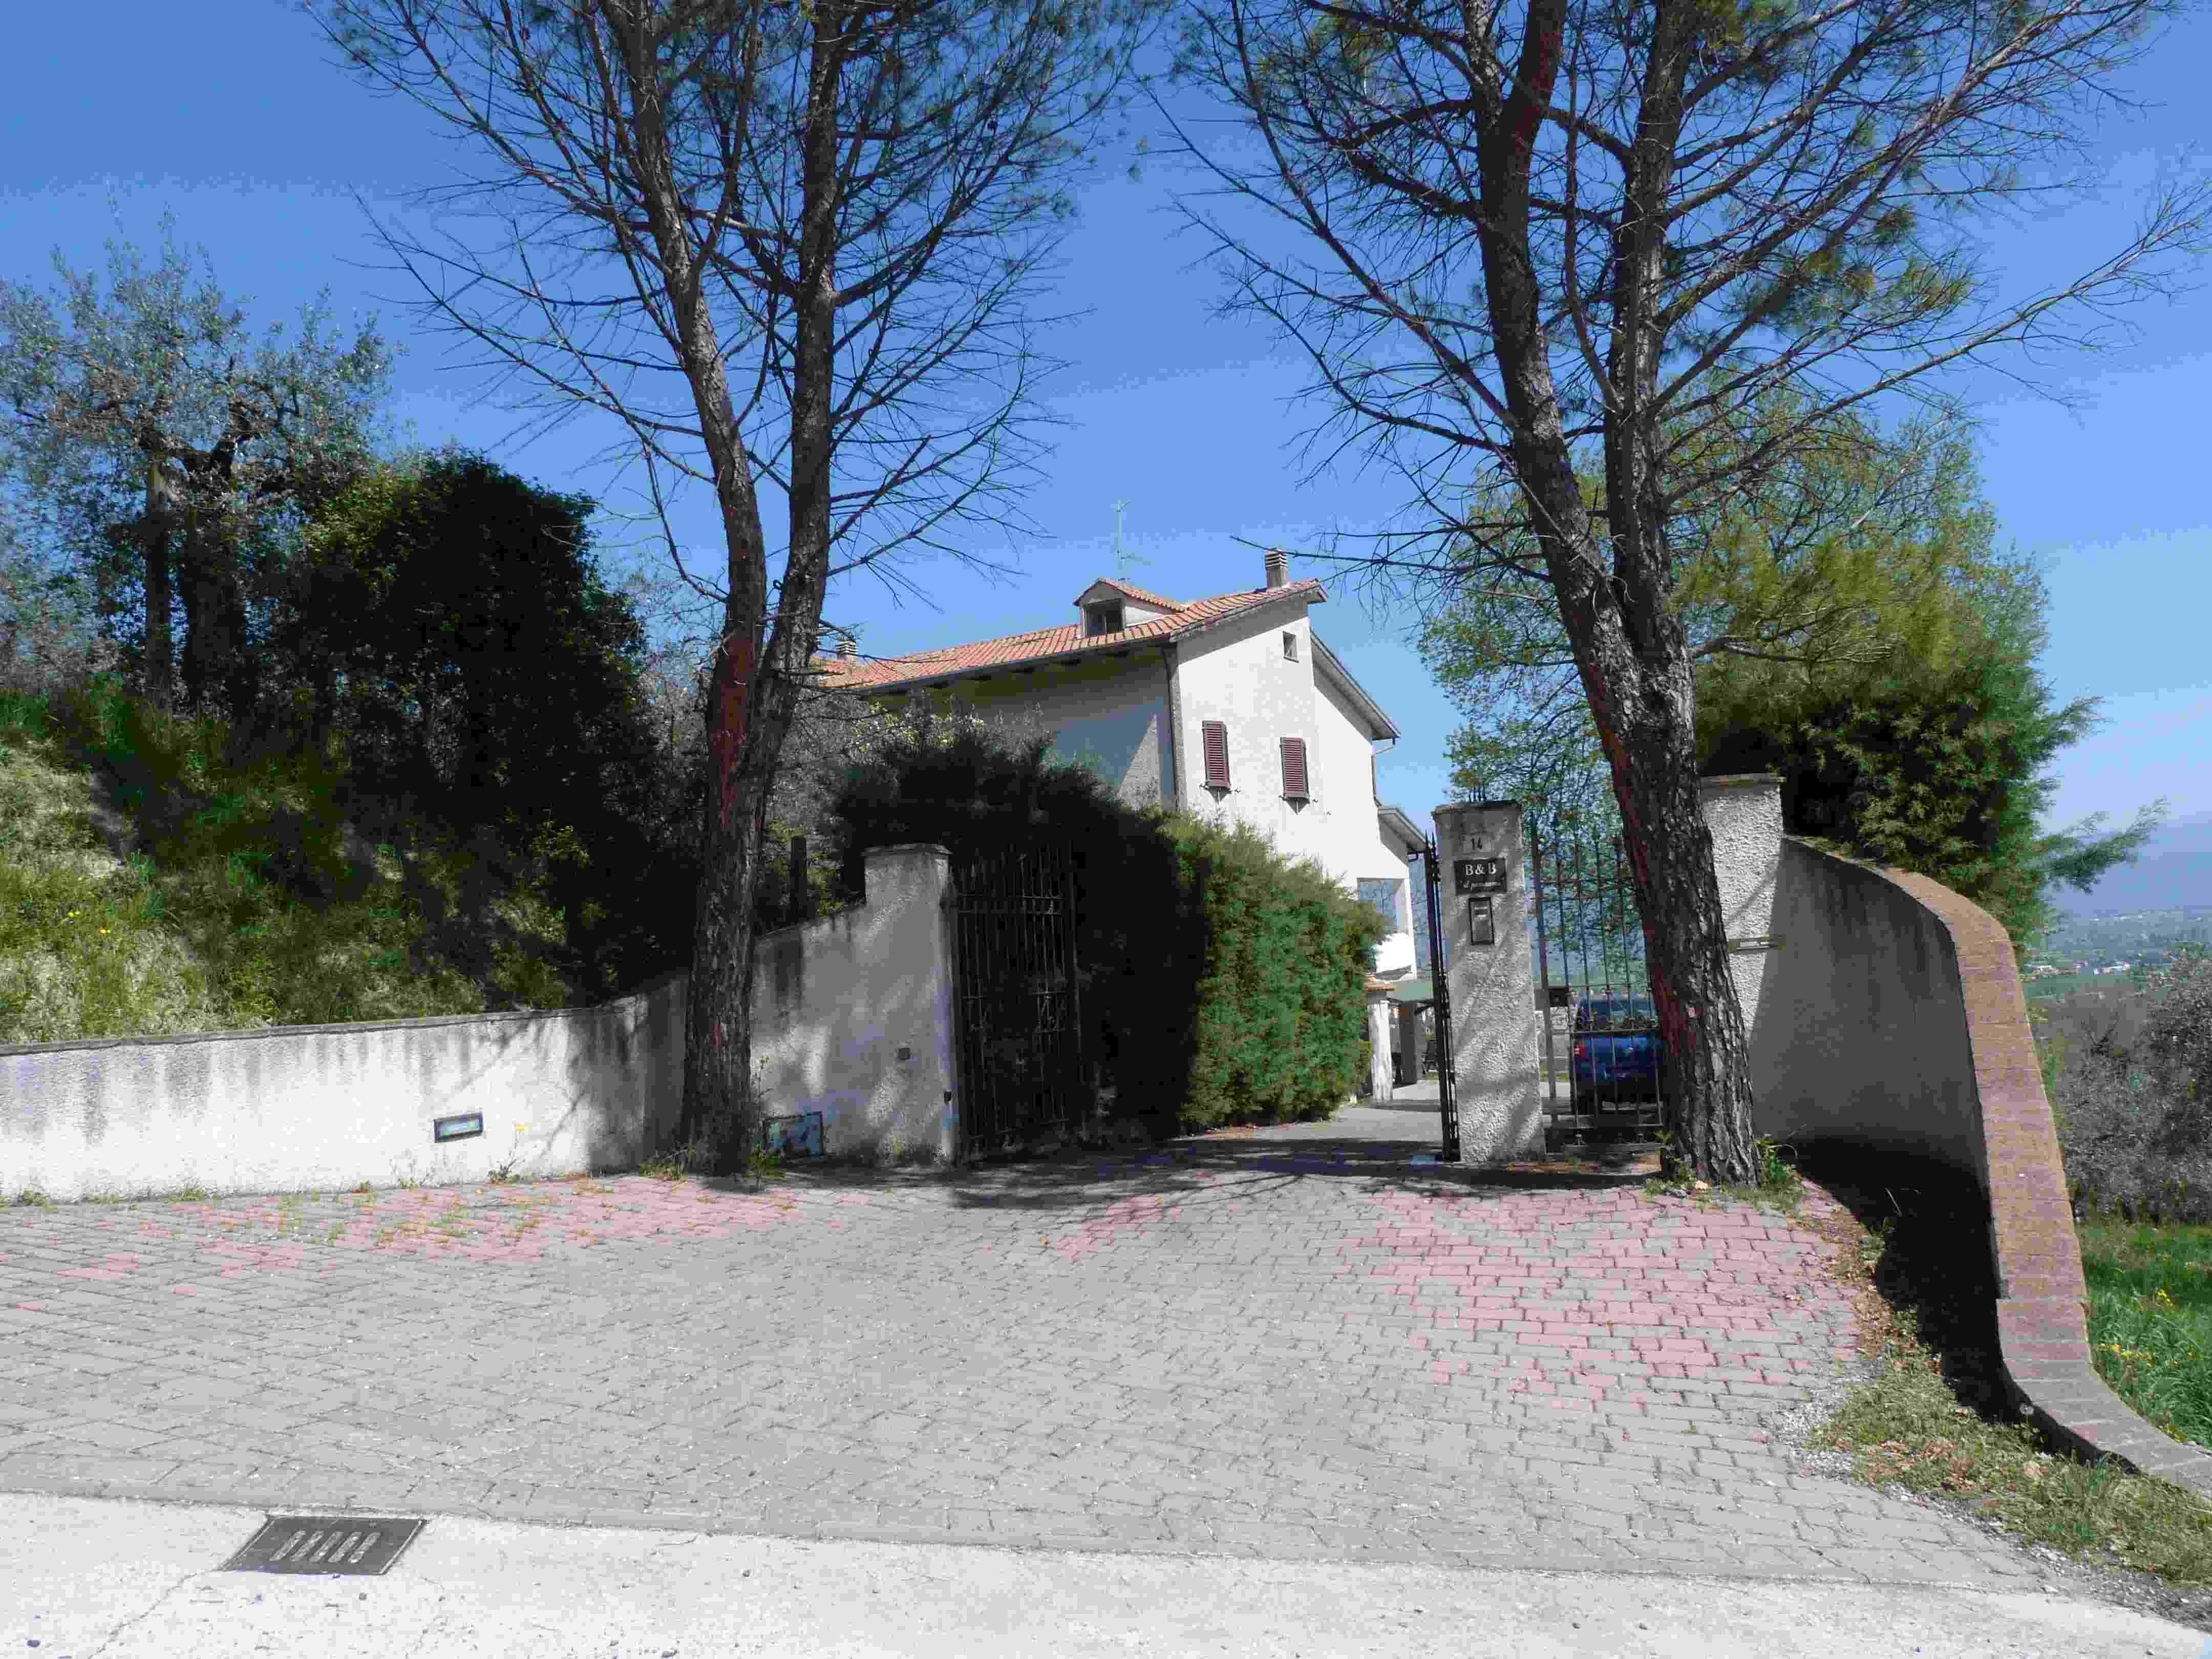 Donati agenzia immobiliare trevi vendita casali umbria e rustici - Arredamento ville e casali ...